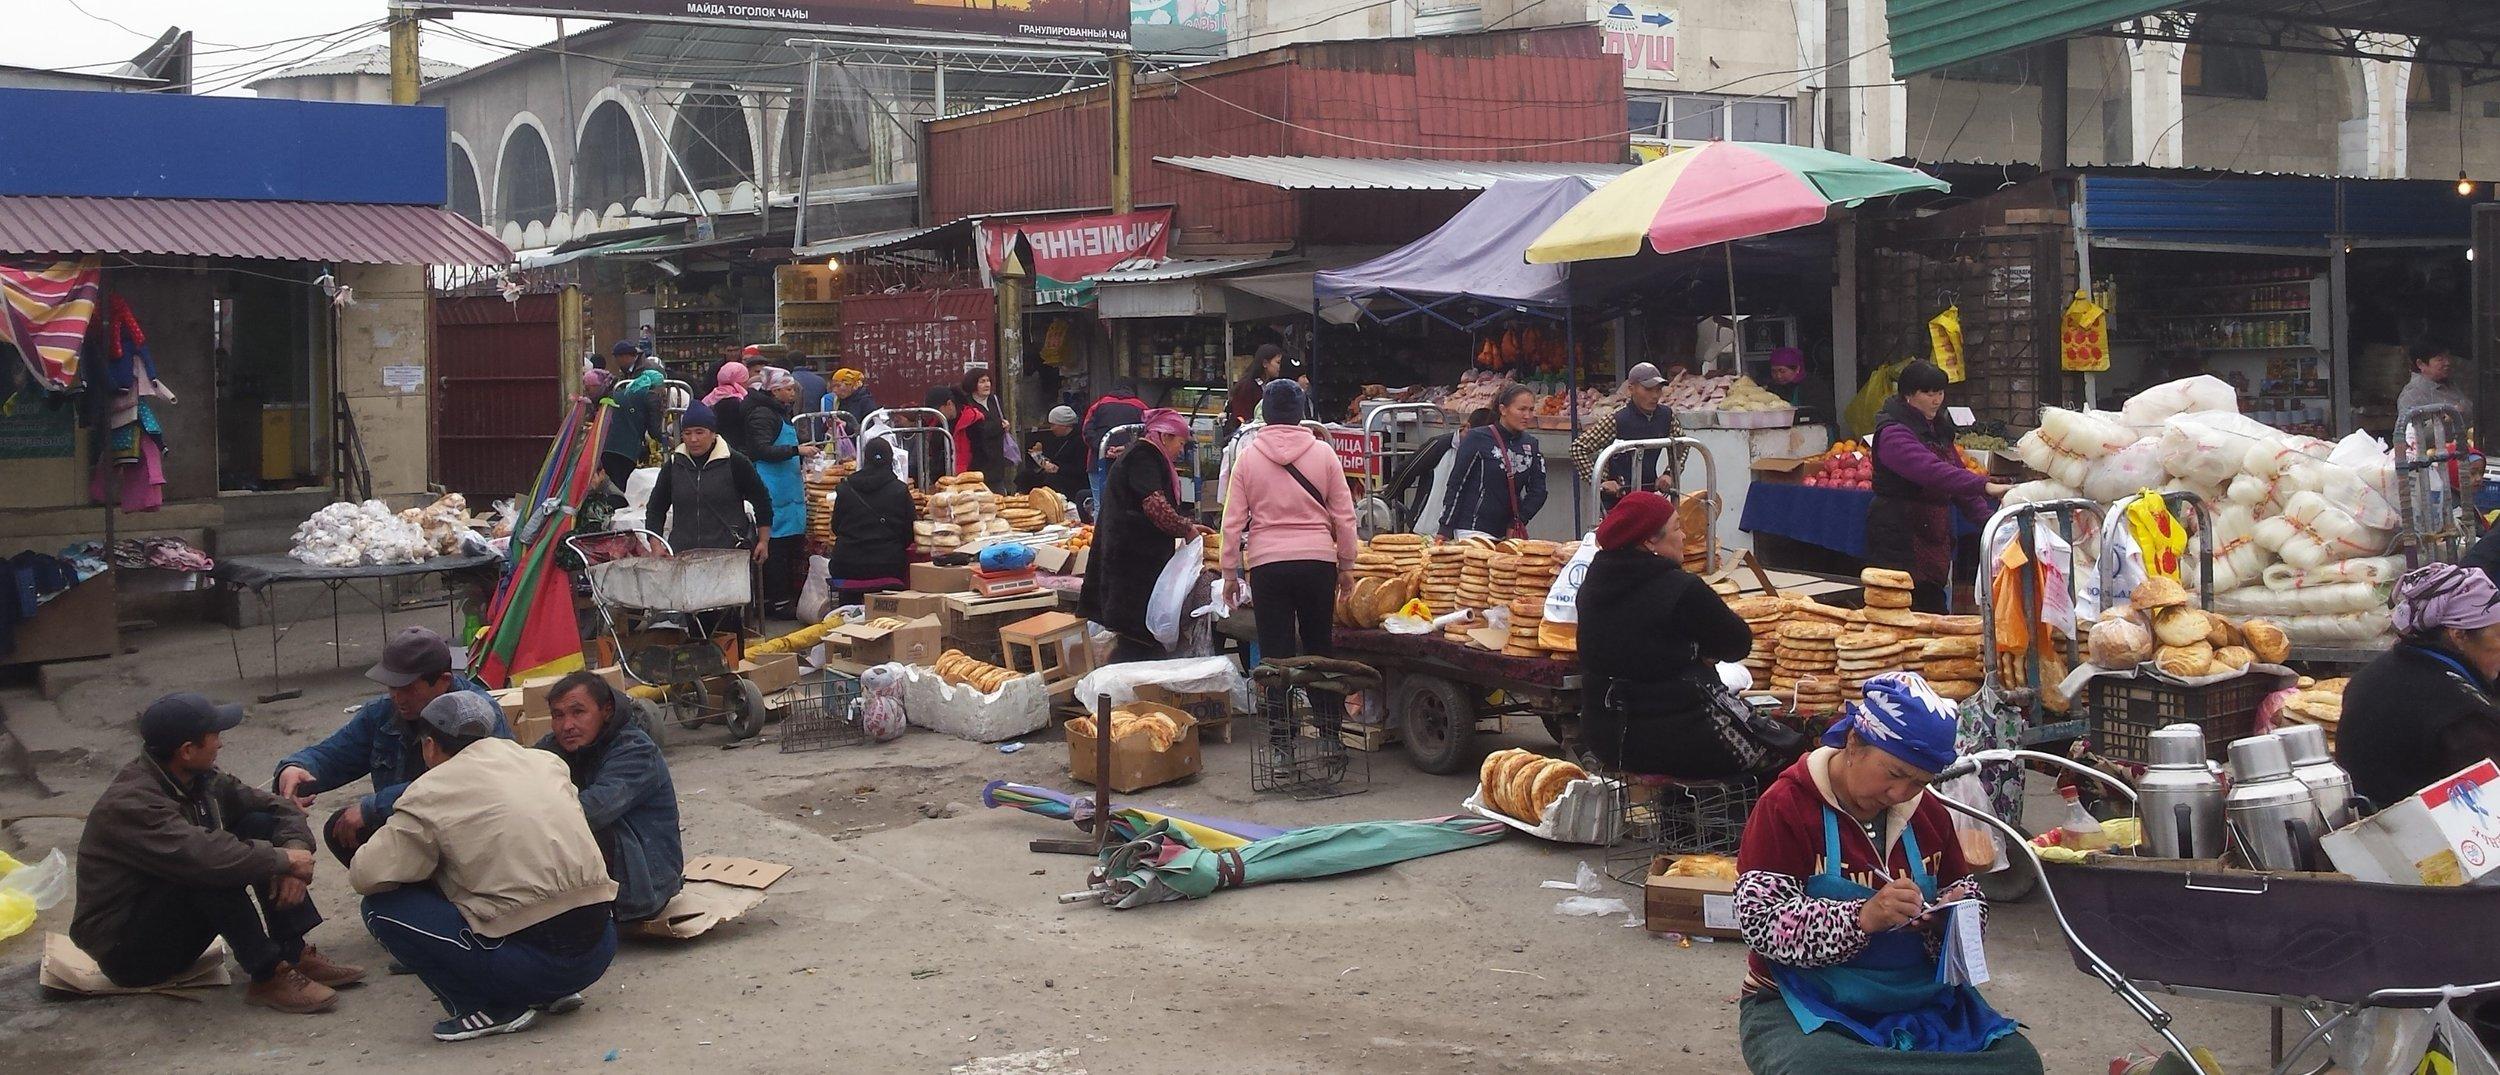 Osh Bazaar (in Bishkek, not Osh)